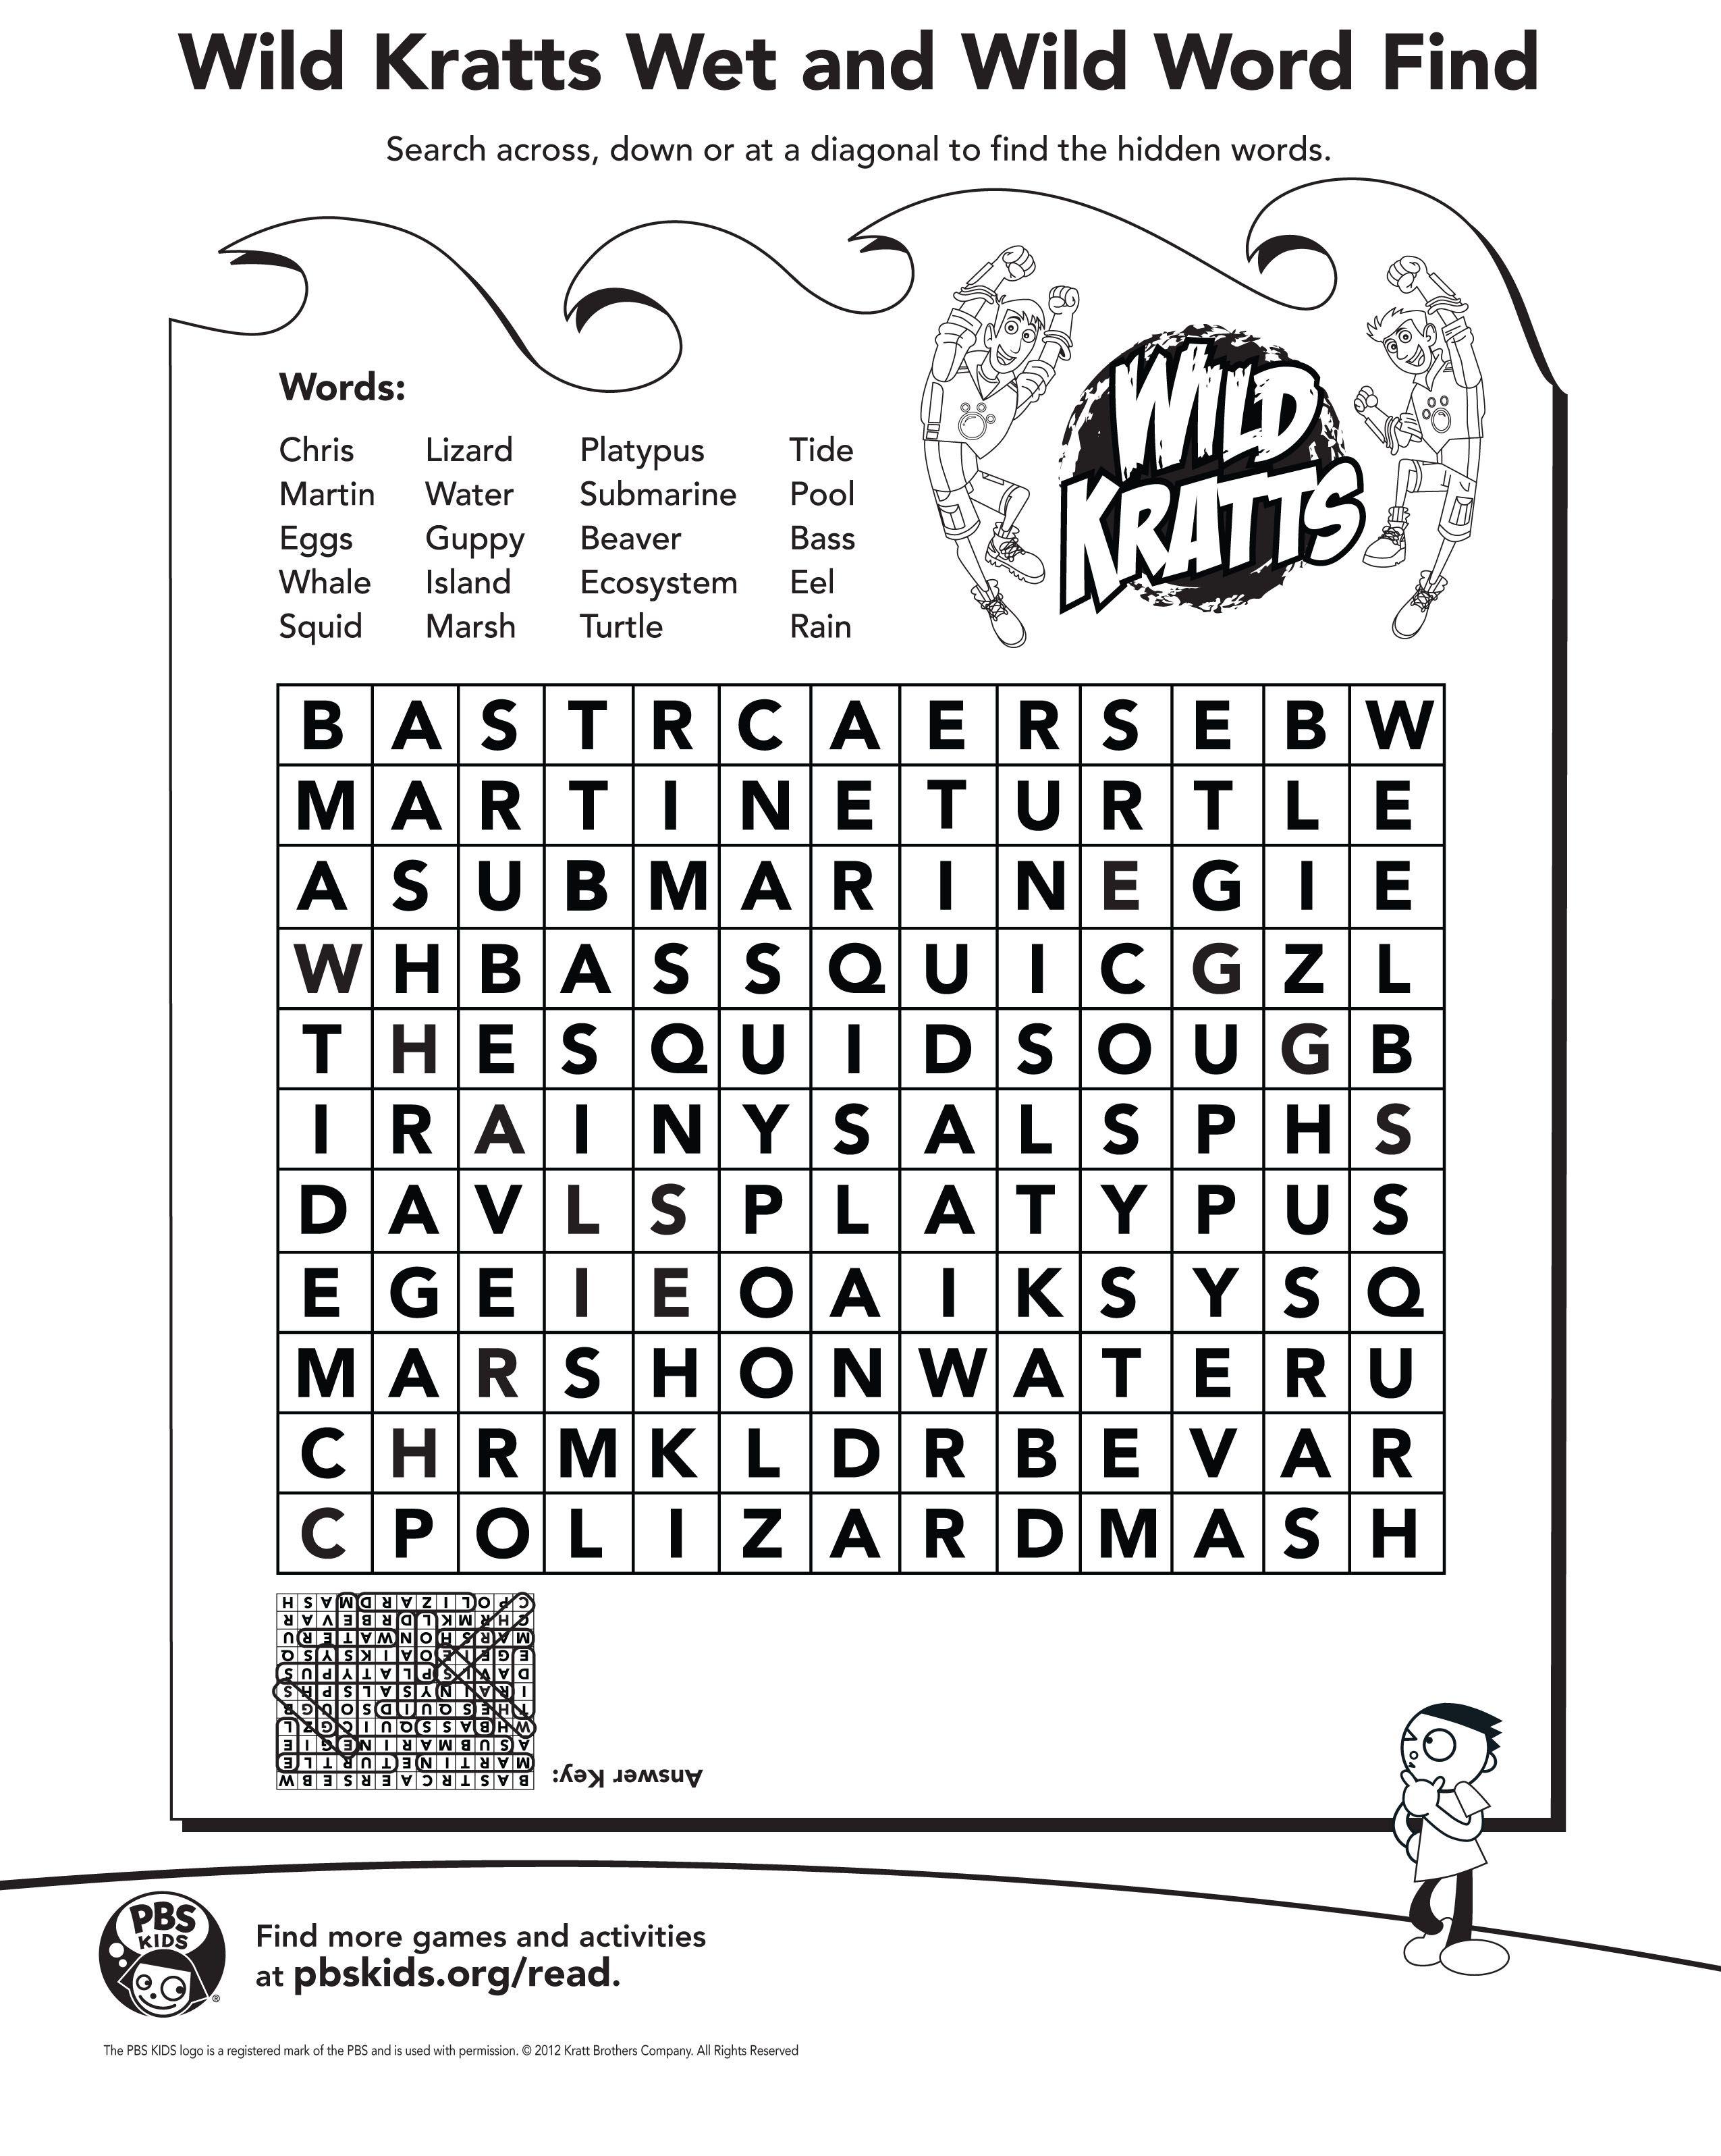 Wild Kratts Word Find